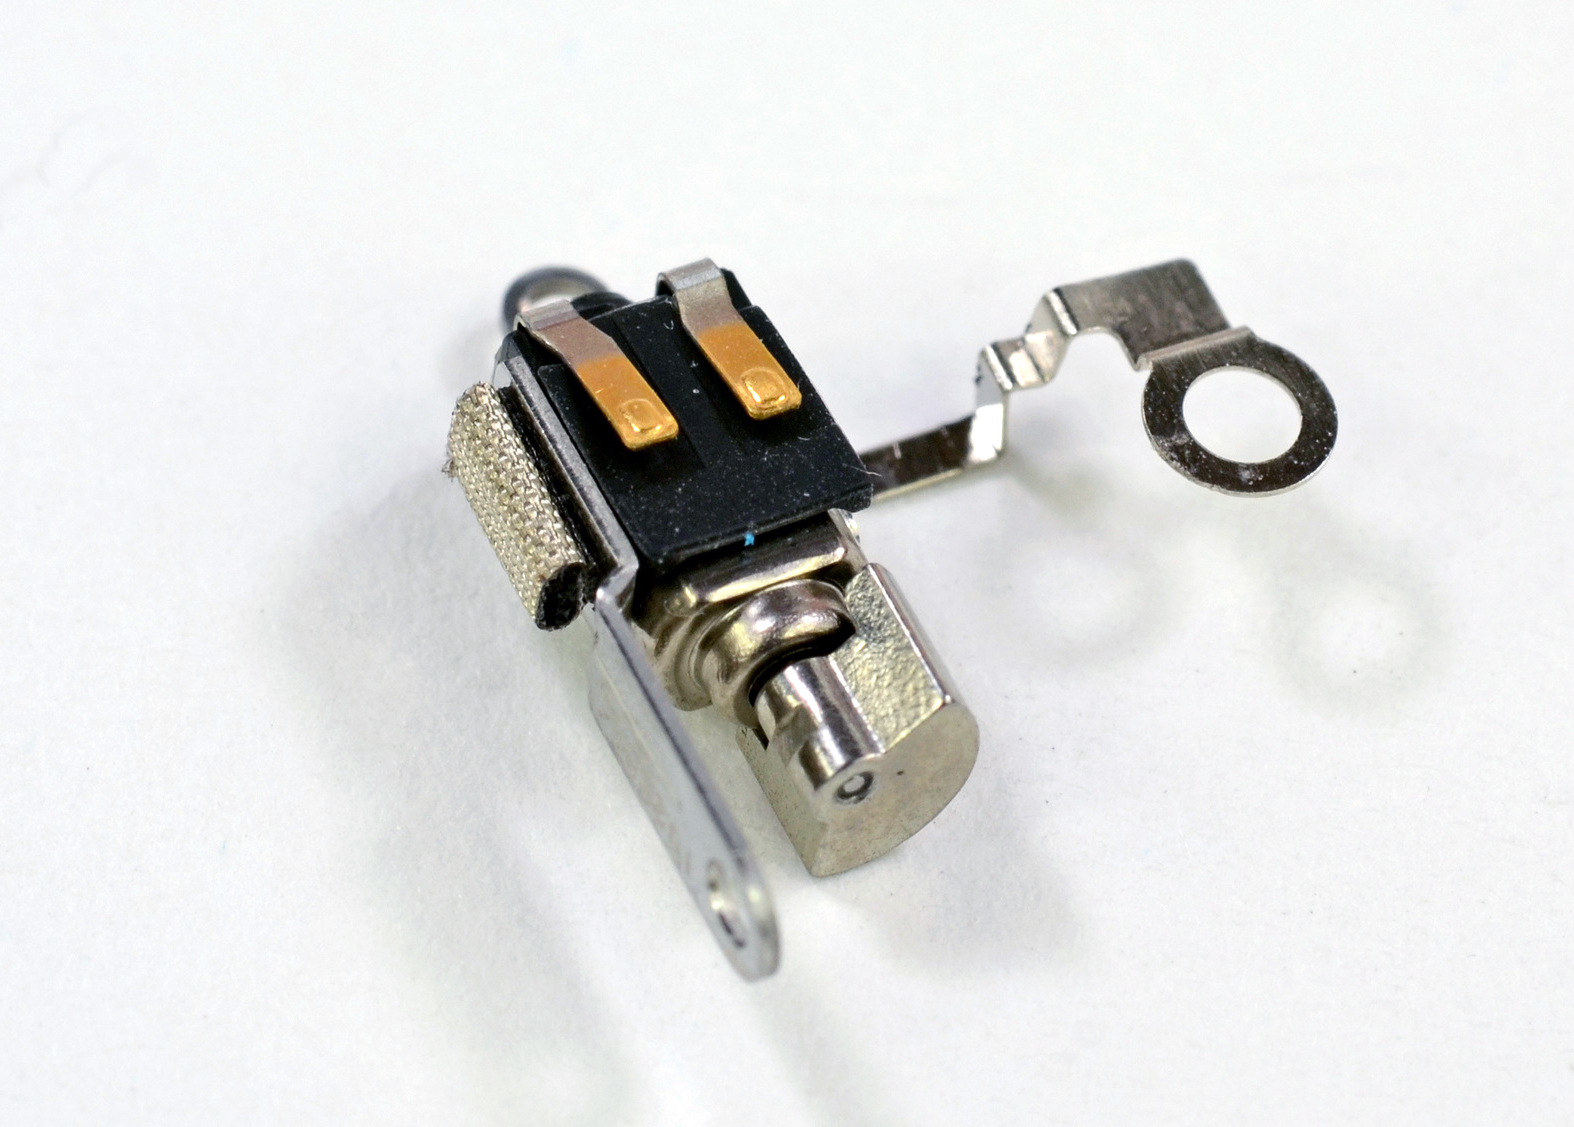 Vibrador do iPhone 5